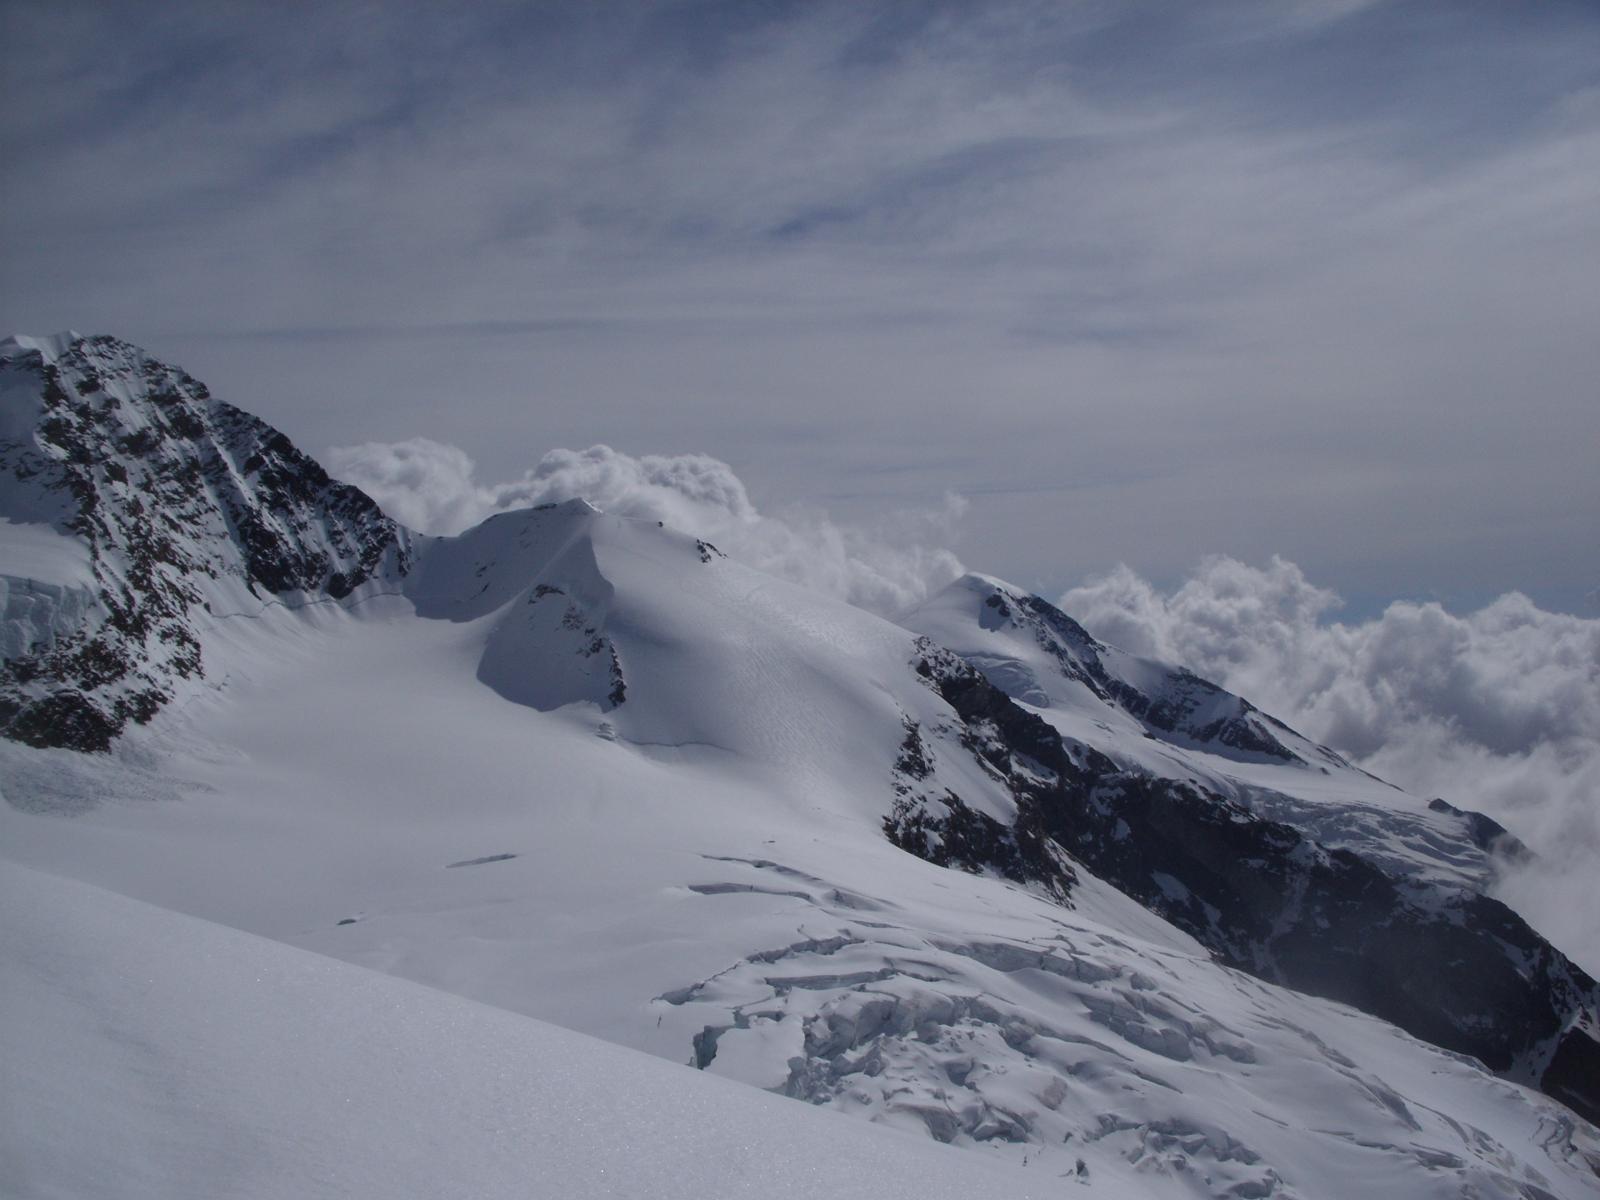 Cresta Sella e naso del Lyskamm e in sedondo piano la Vincent